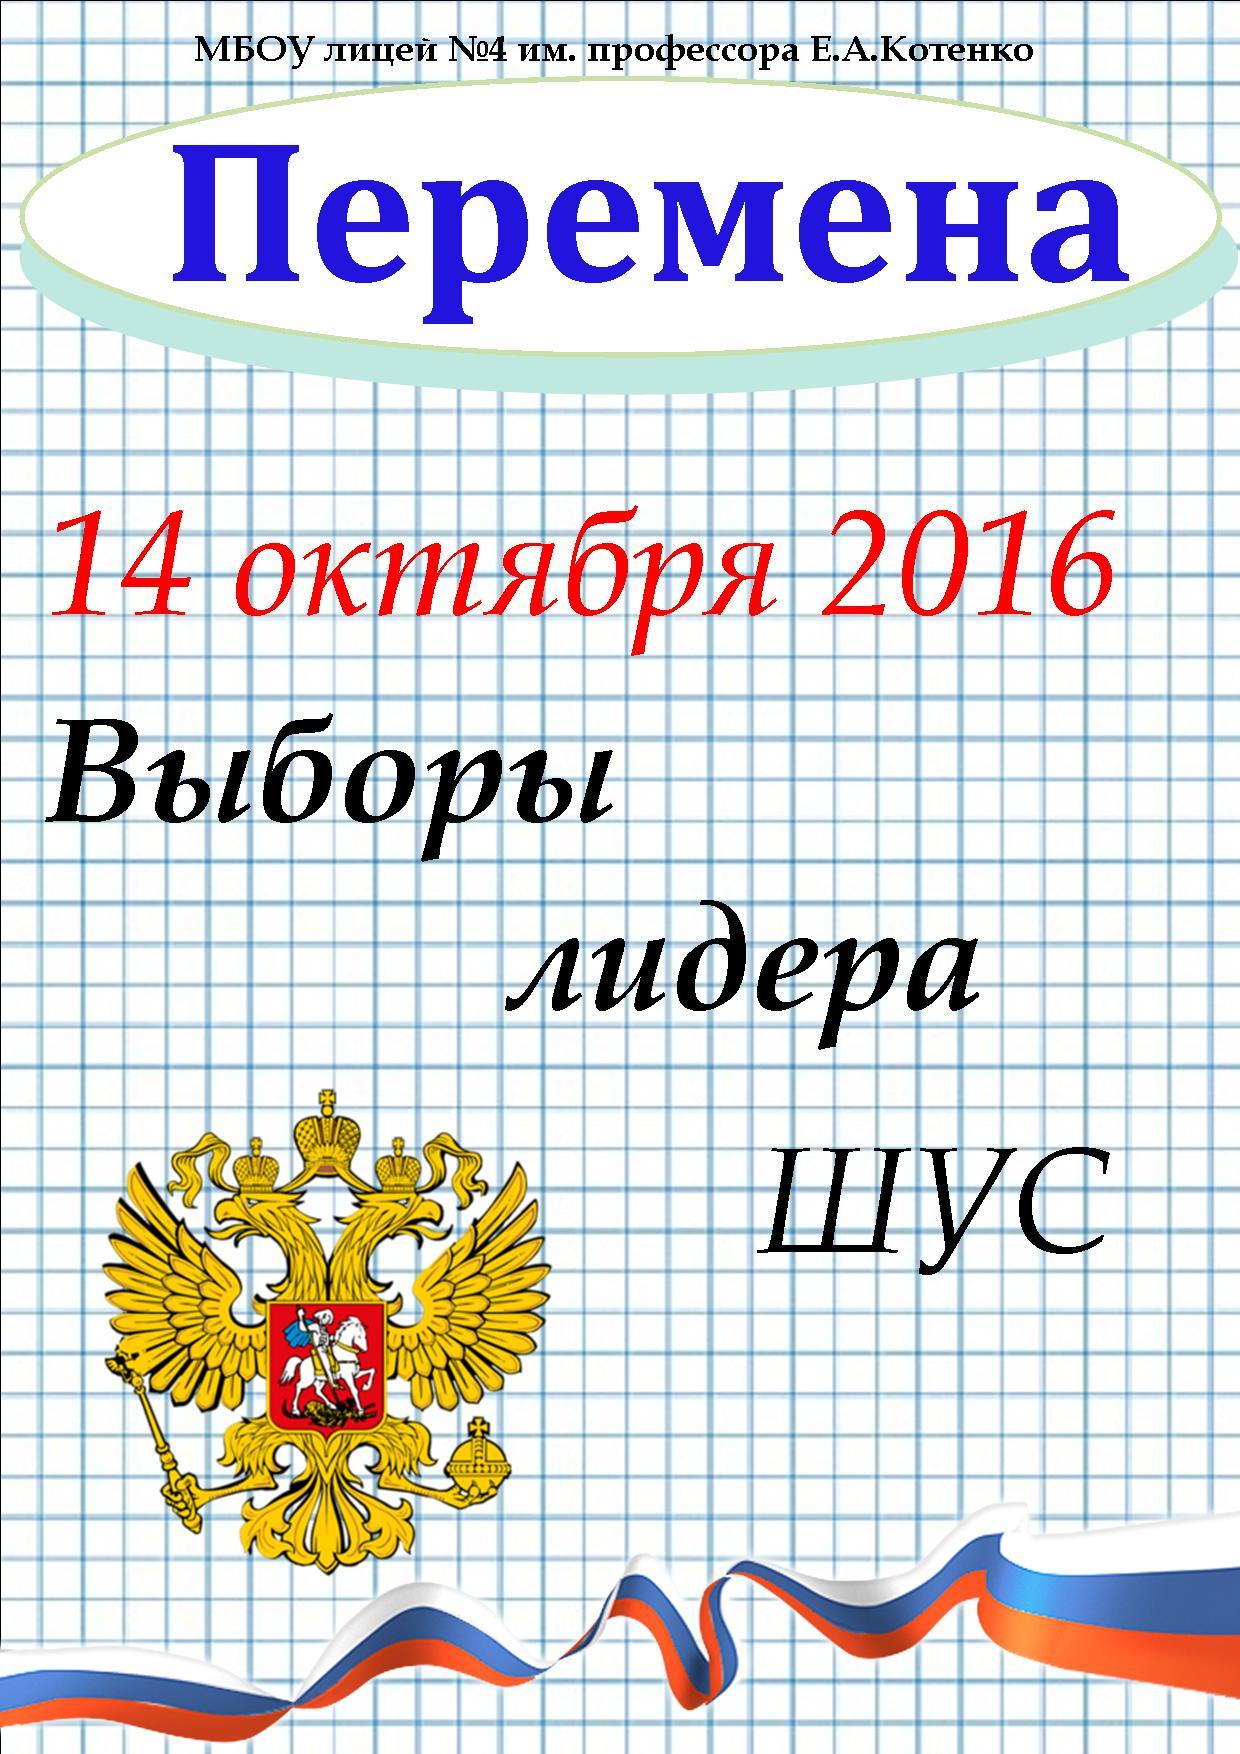 vybory-2016-shus-1